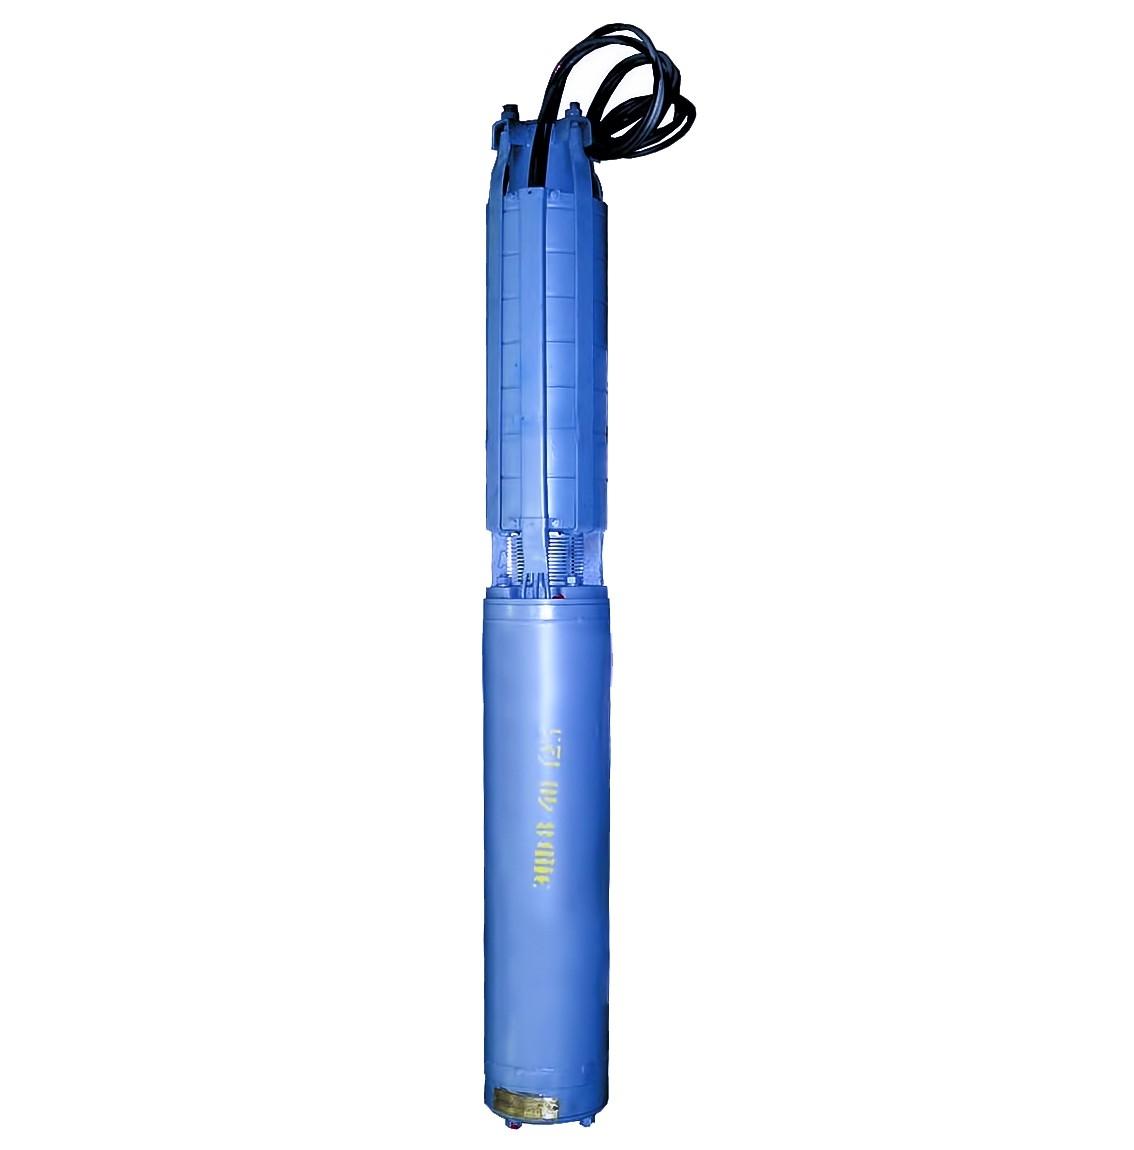 Погружной насос ЭЦВ 5-10-50 армлен